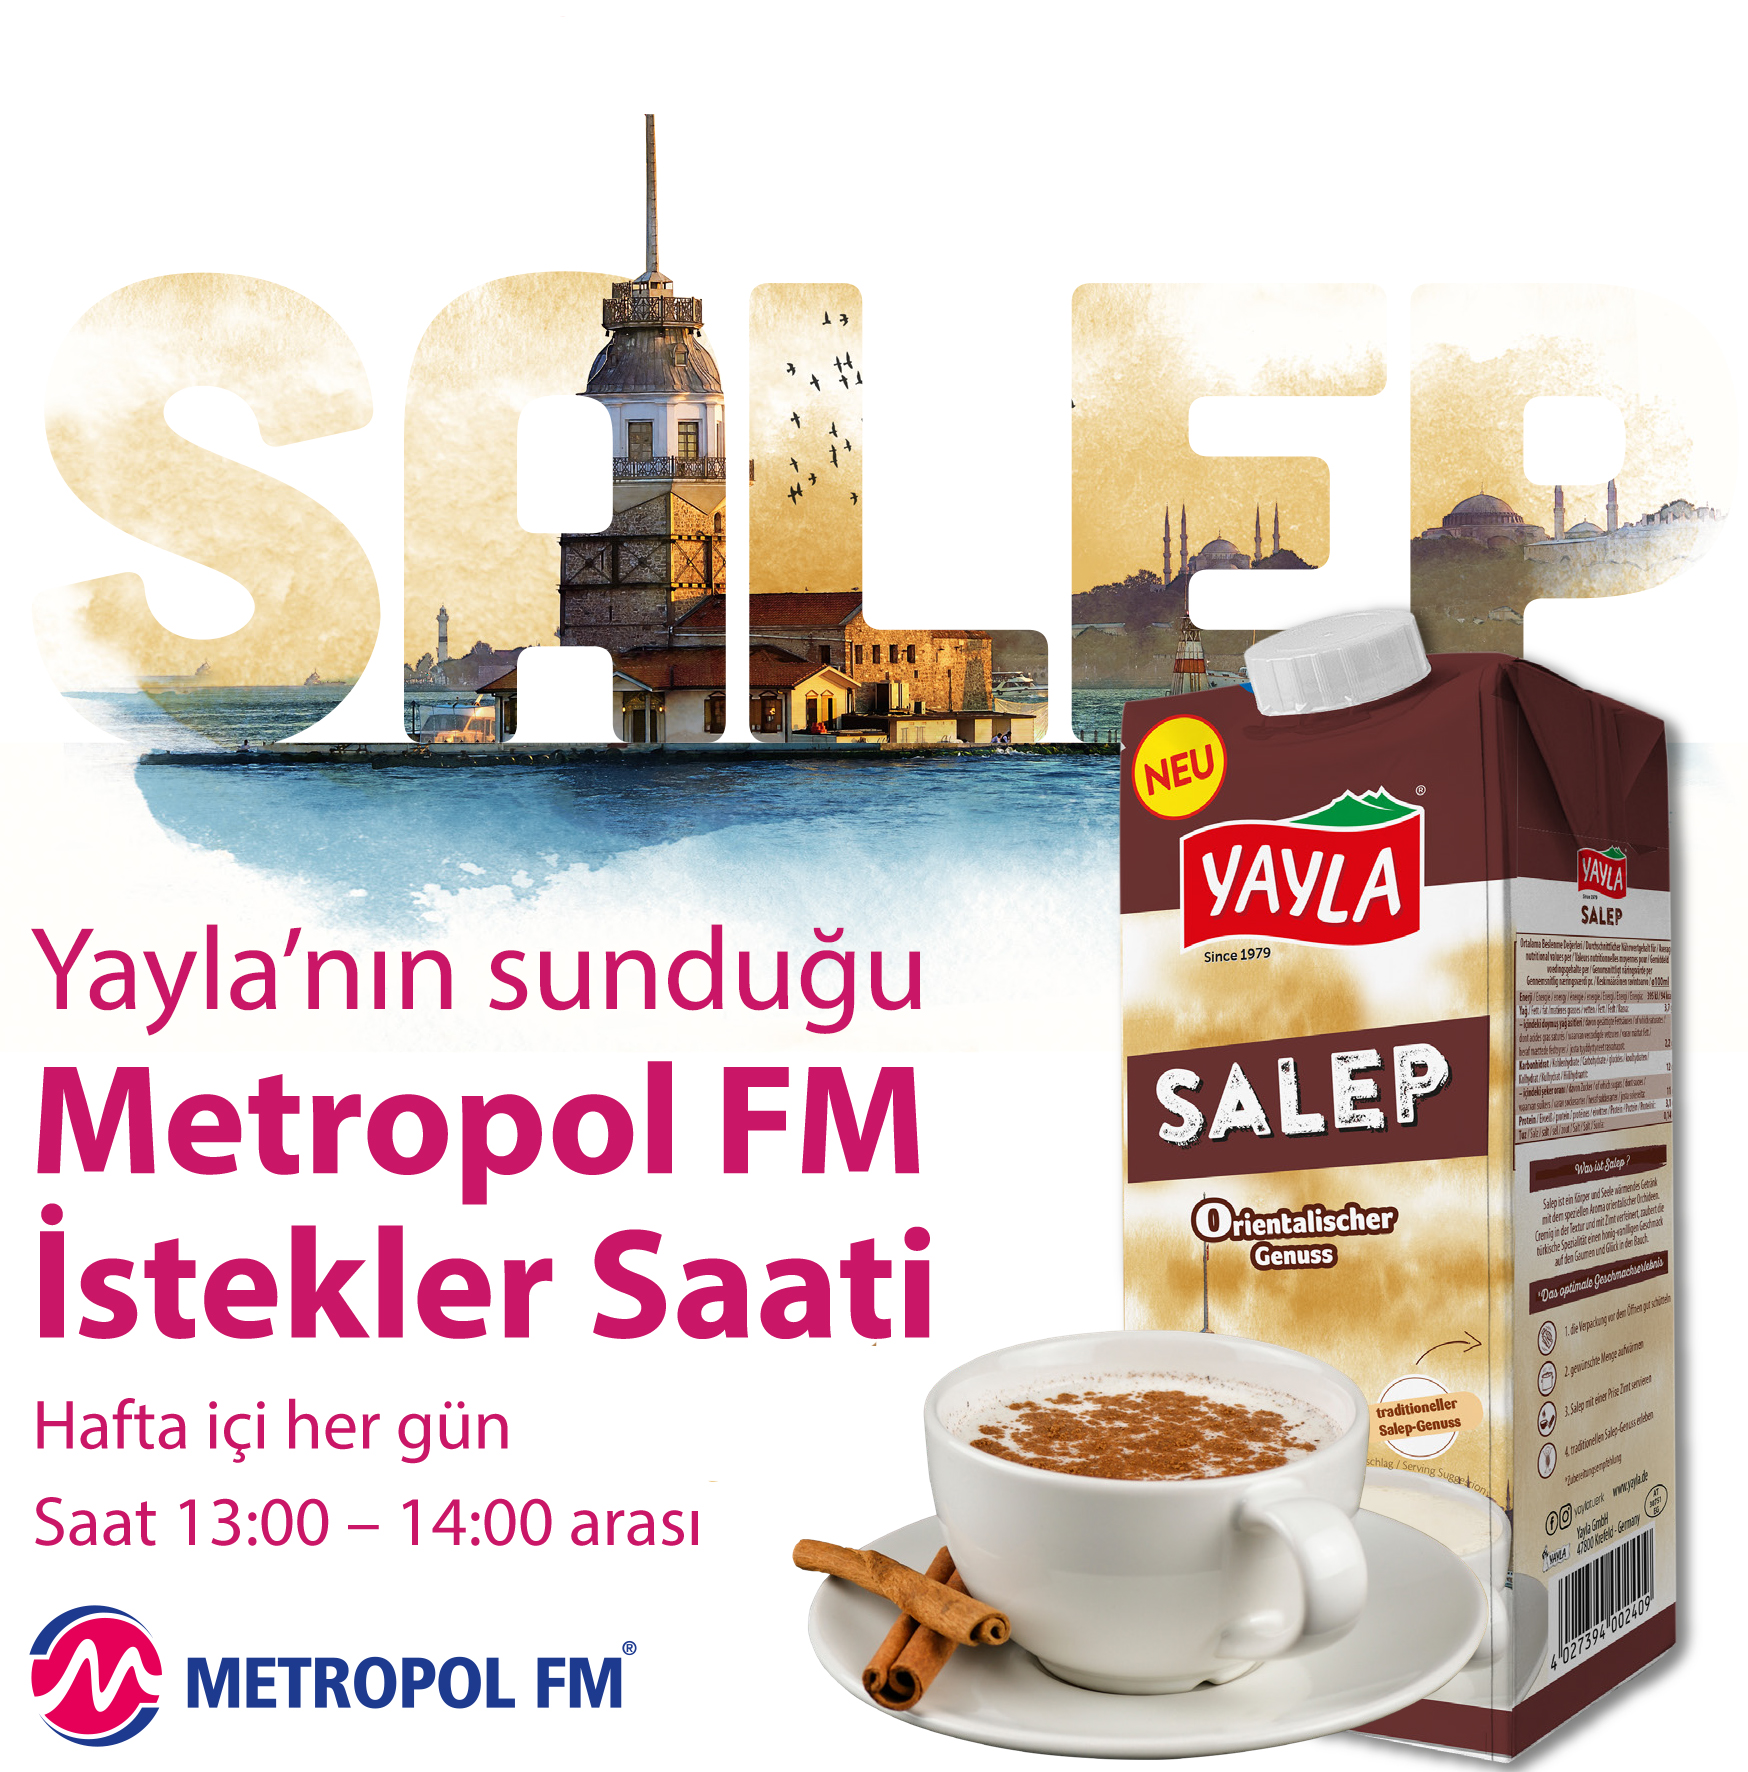 Metropol FM İstekler Saatİ